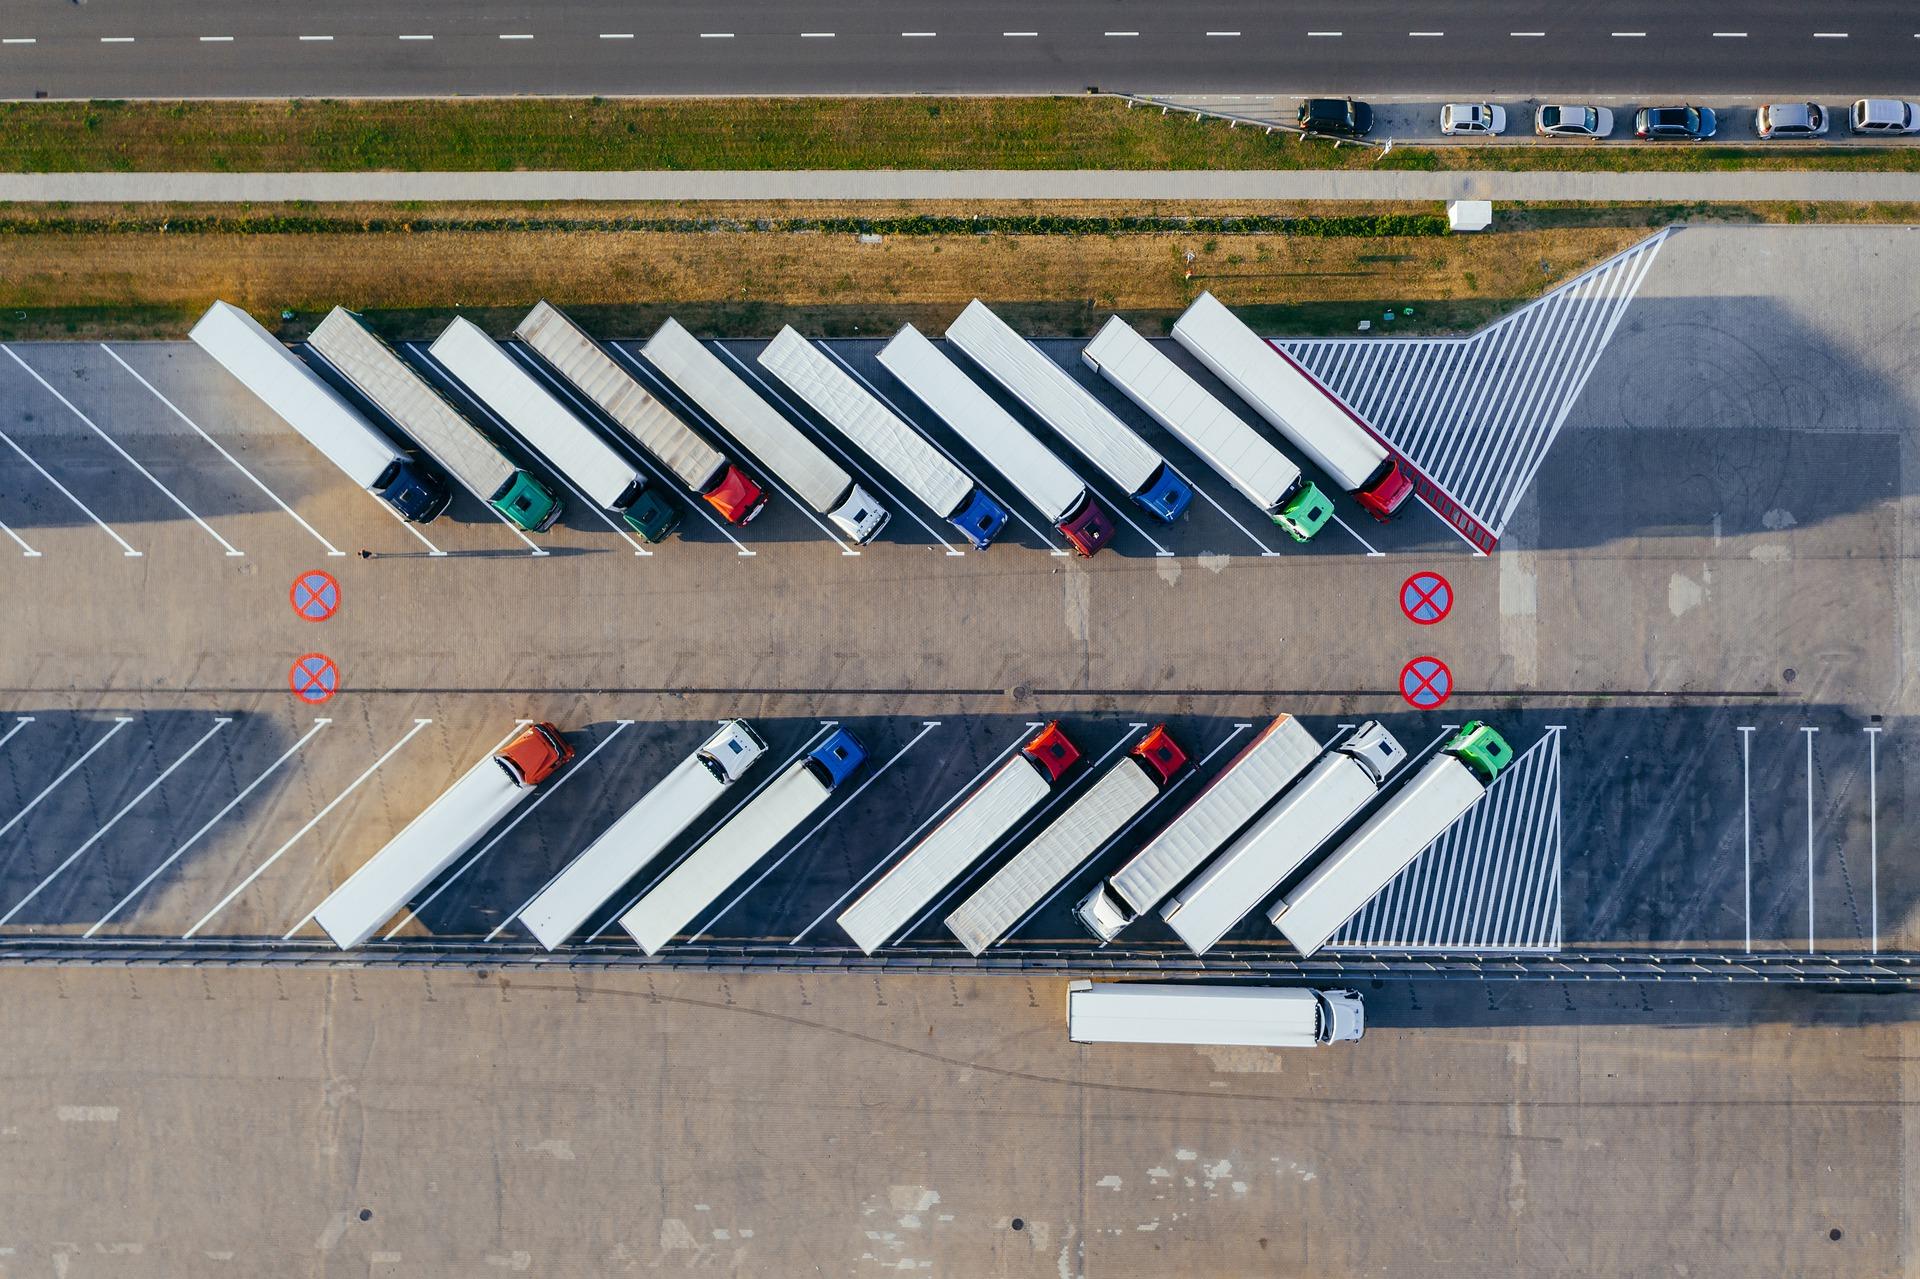 Belgowie uruchomili system przydatny dla truckerów. Wskaże wolne miejsca na parkingach dla ciężarówek